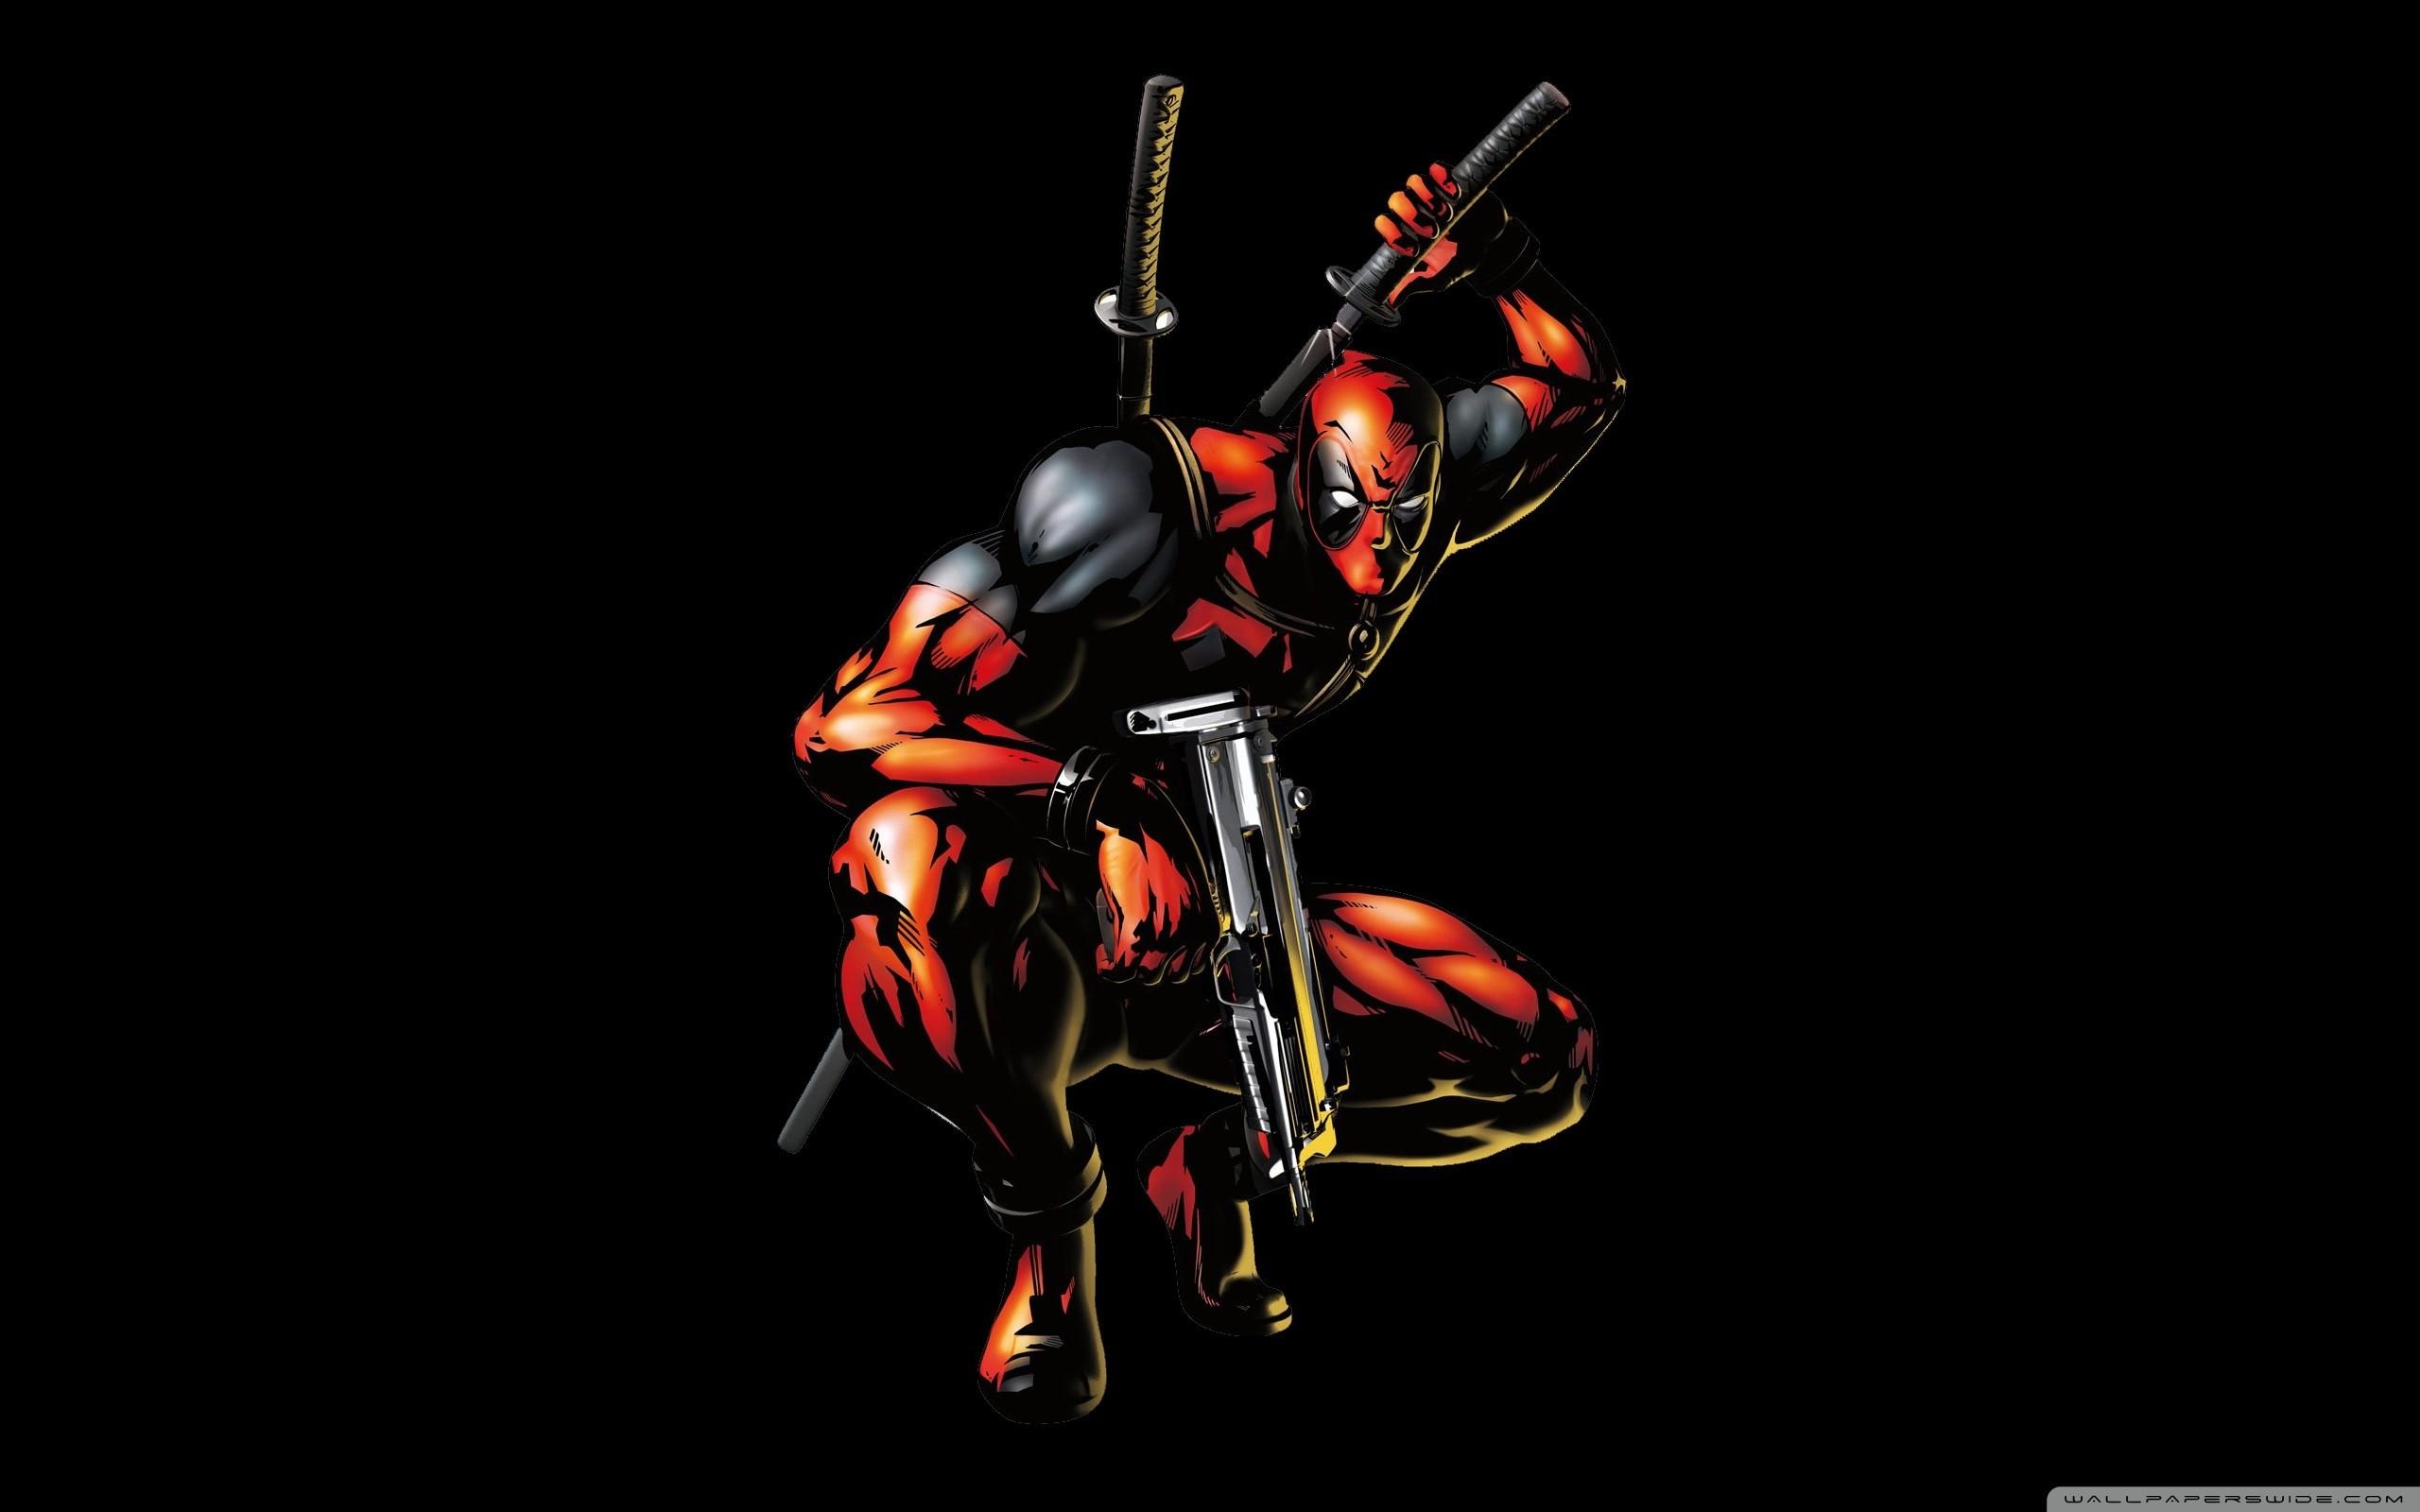 Deadpool Cartoon HD Wide Wallpaper for Widescreen